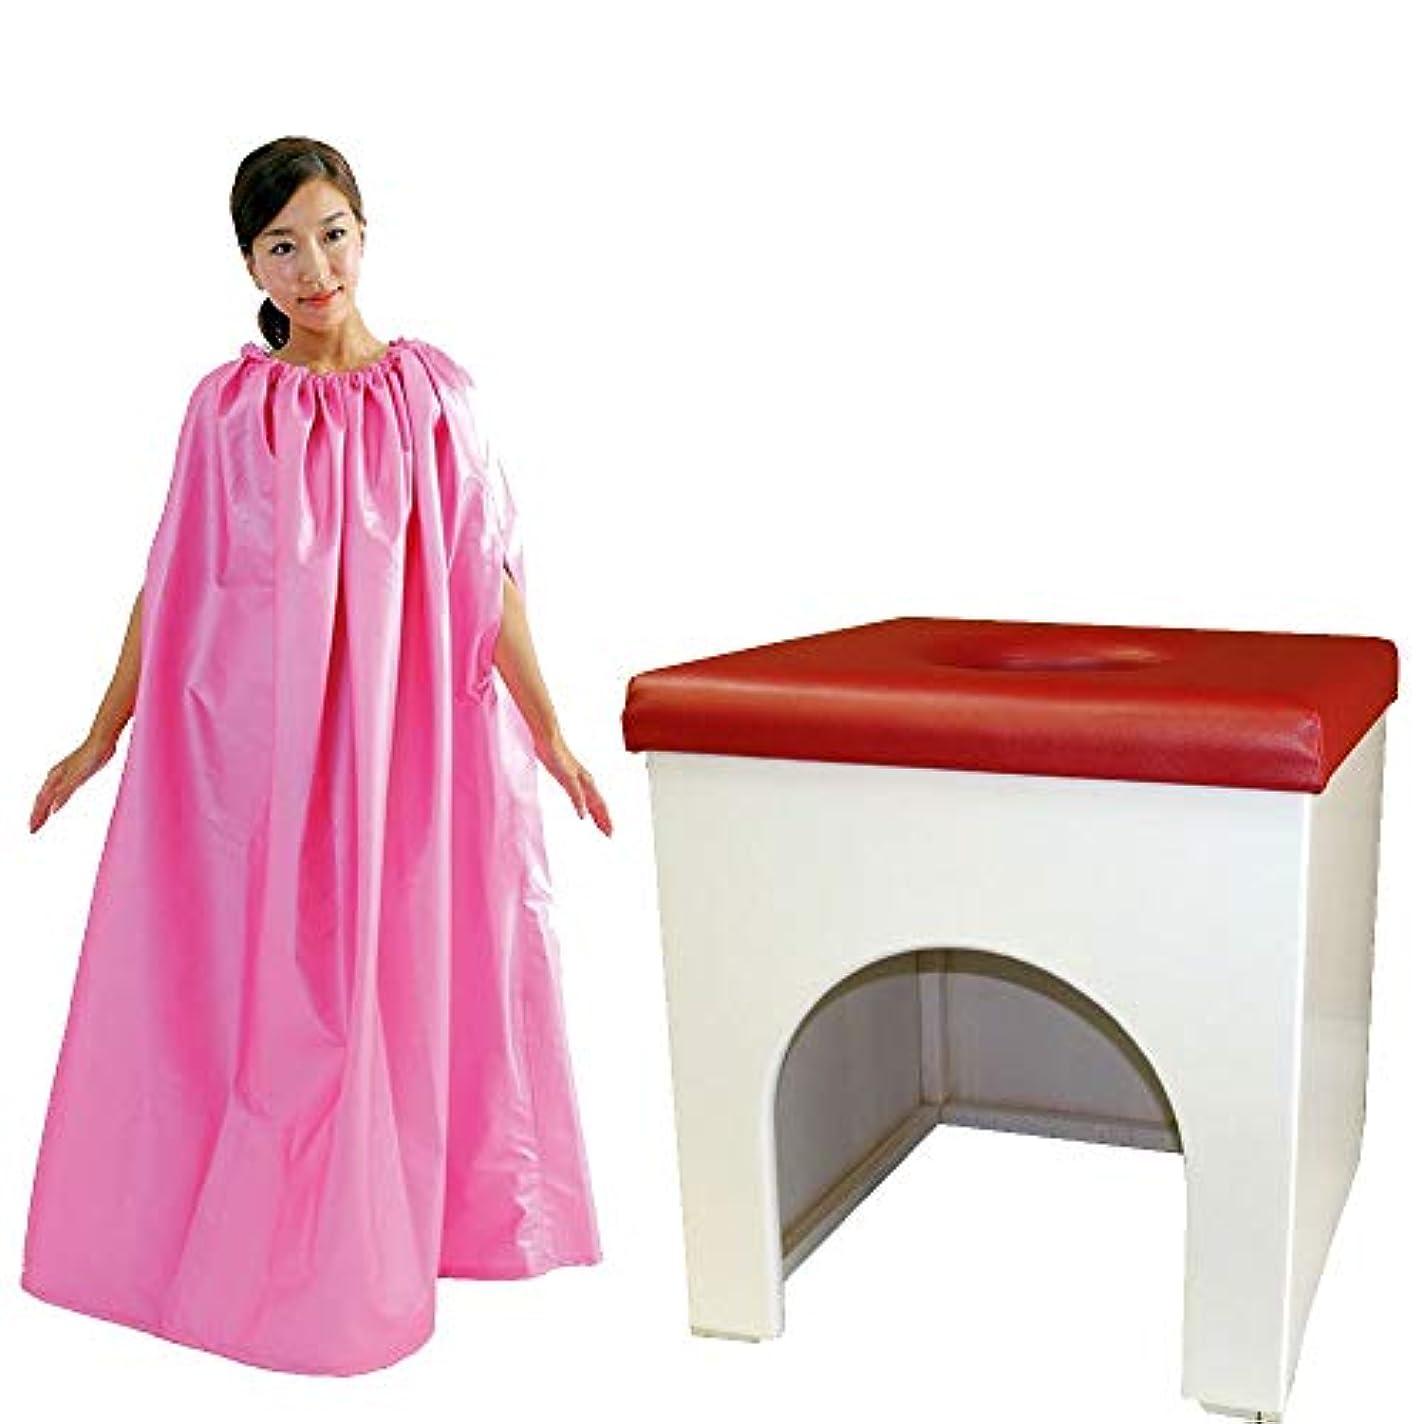 バブル邪魔する適度な【WR】まる温よもぎ蒸し【白椅子(ワインレッドシート)セット】専用マント?薬草60回分?電気鍋【期待通りの満足感をお届けします!】/爽やかなホワイトカラーで、人体に無害な塗装仕上げで通常の椅子より長持ちします! (ピンク)